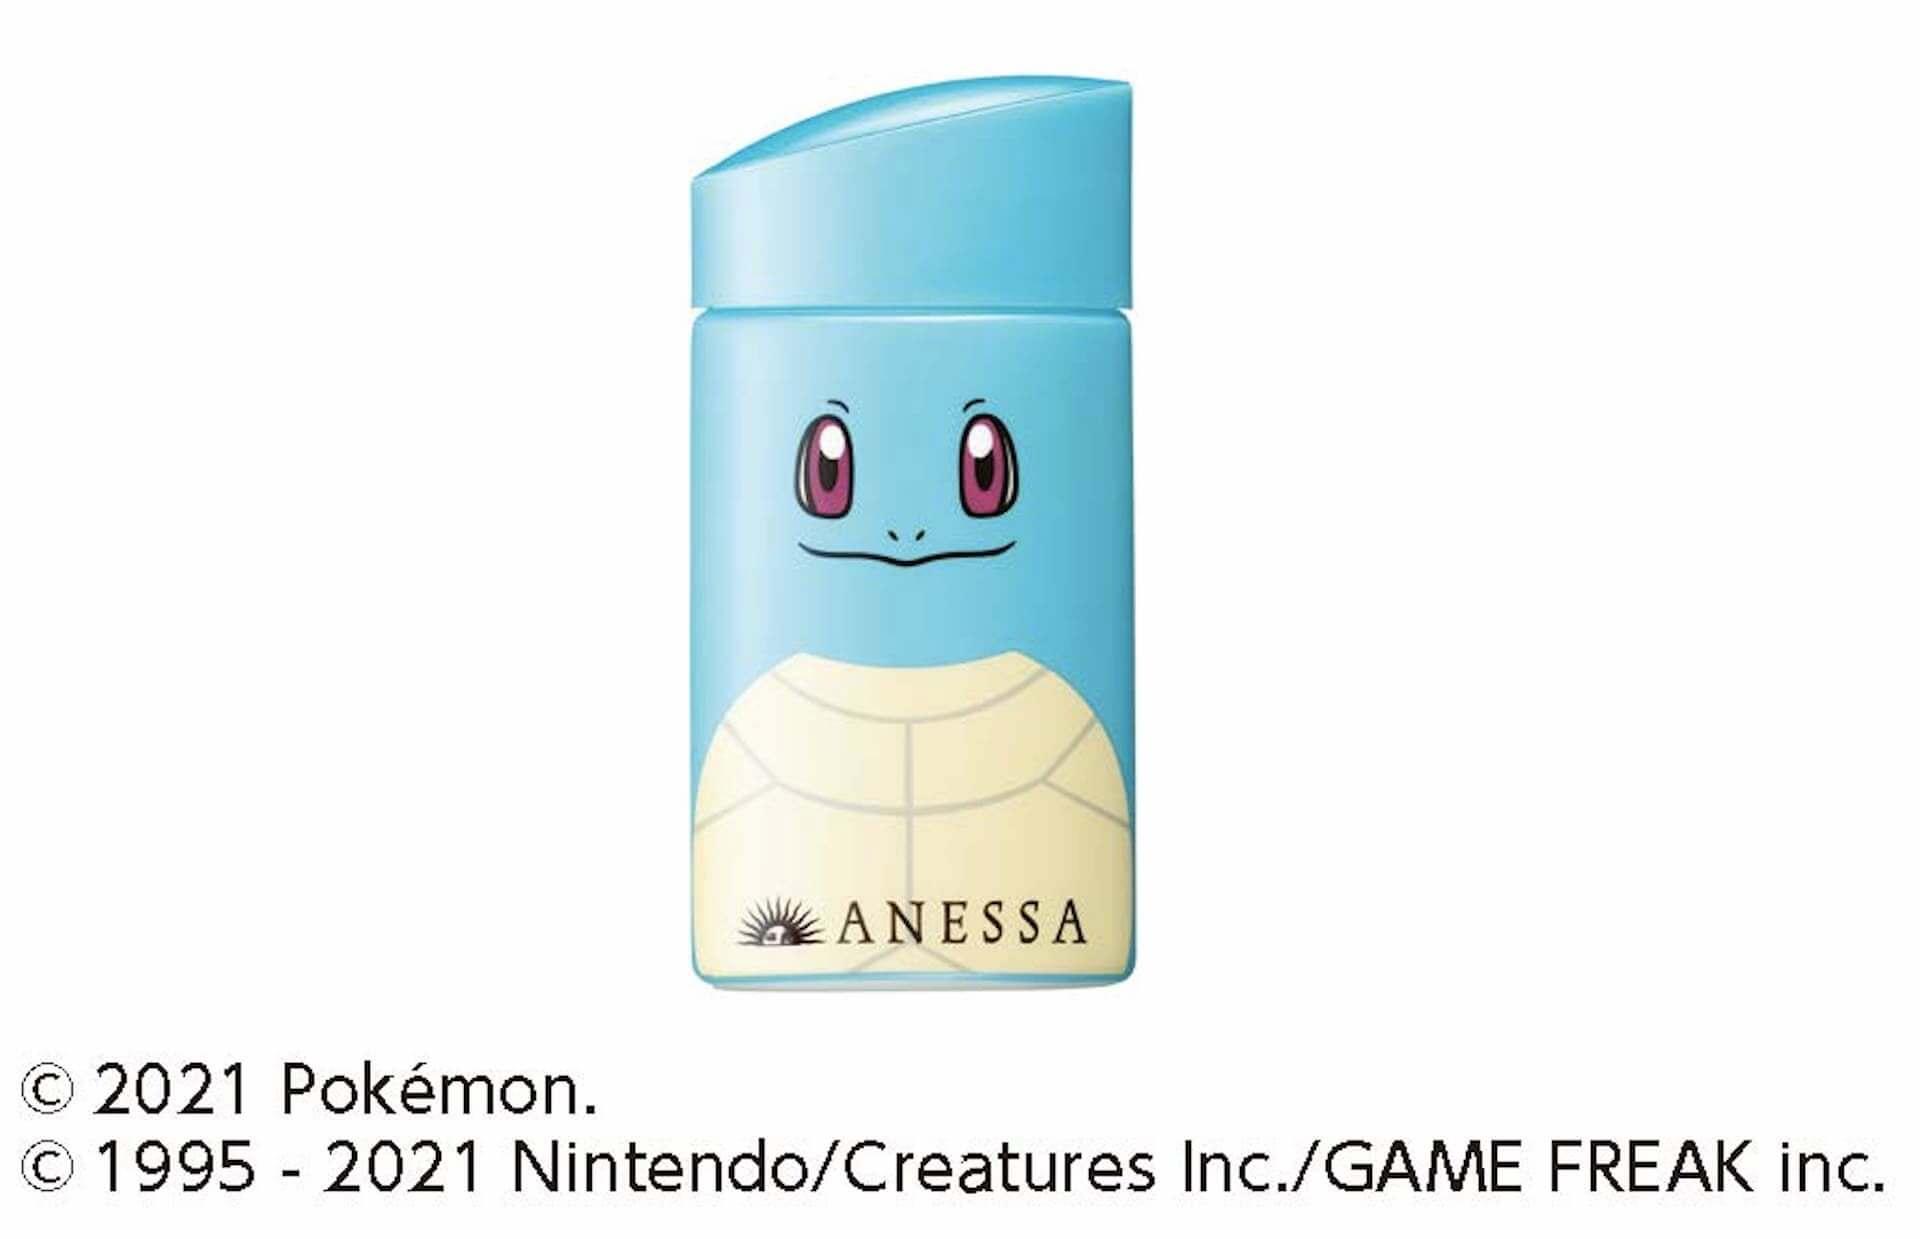 アネッサとポケモンのコラボが実現!ピカチュウ、イーブイ、ゼニガメの日焼け止めが数量限定で発売決定 life210226_pokemon_anessa_5